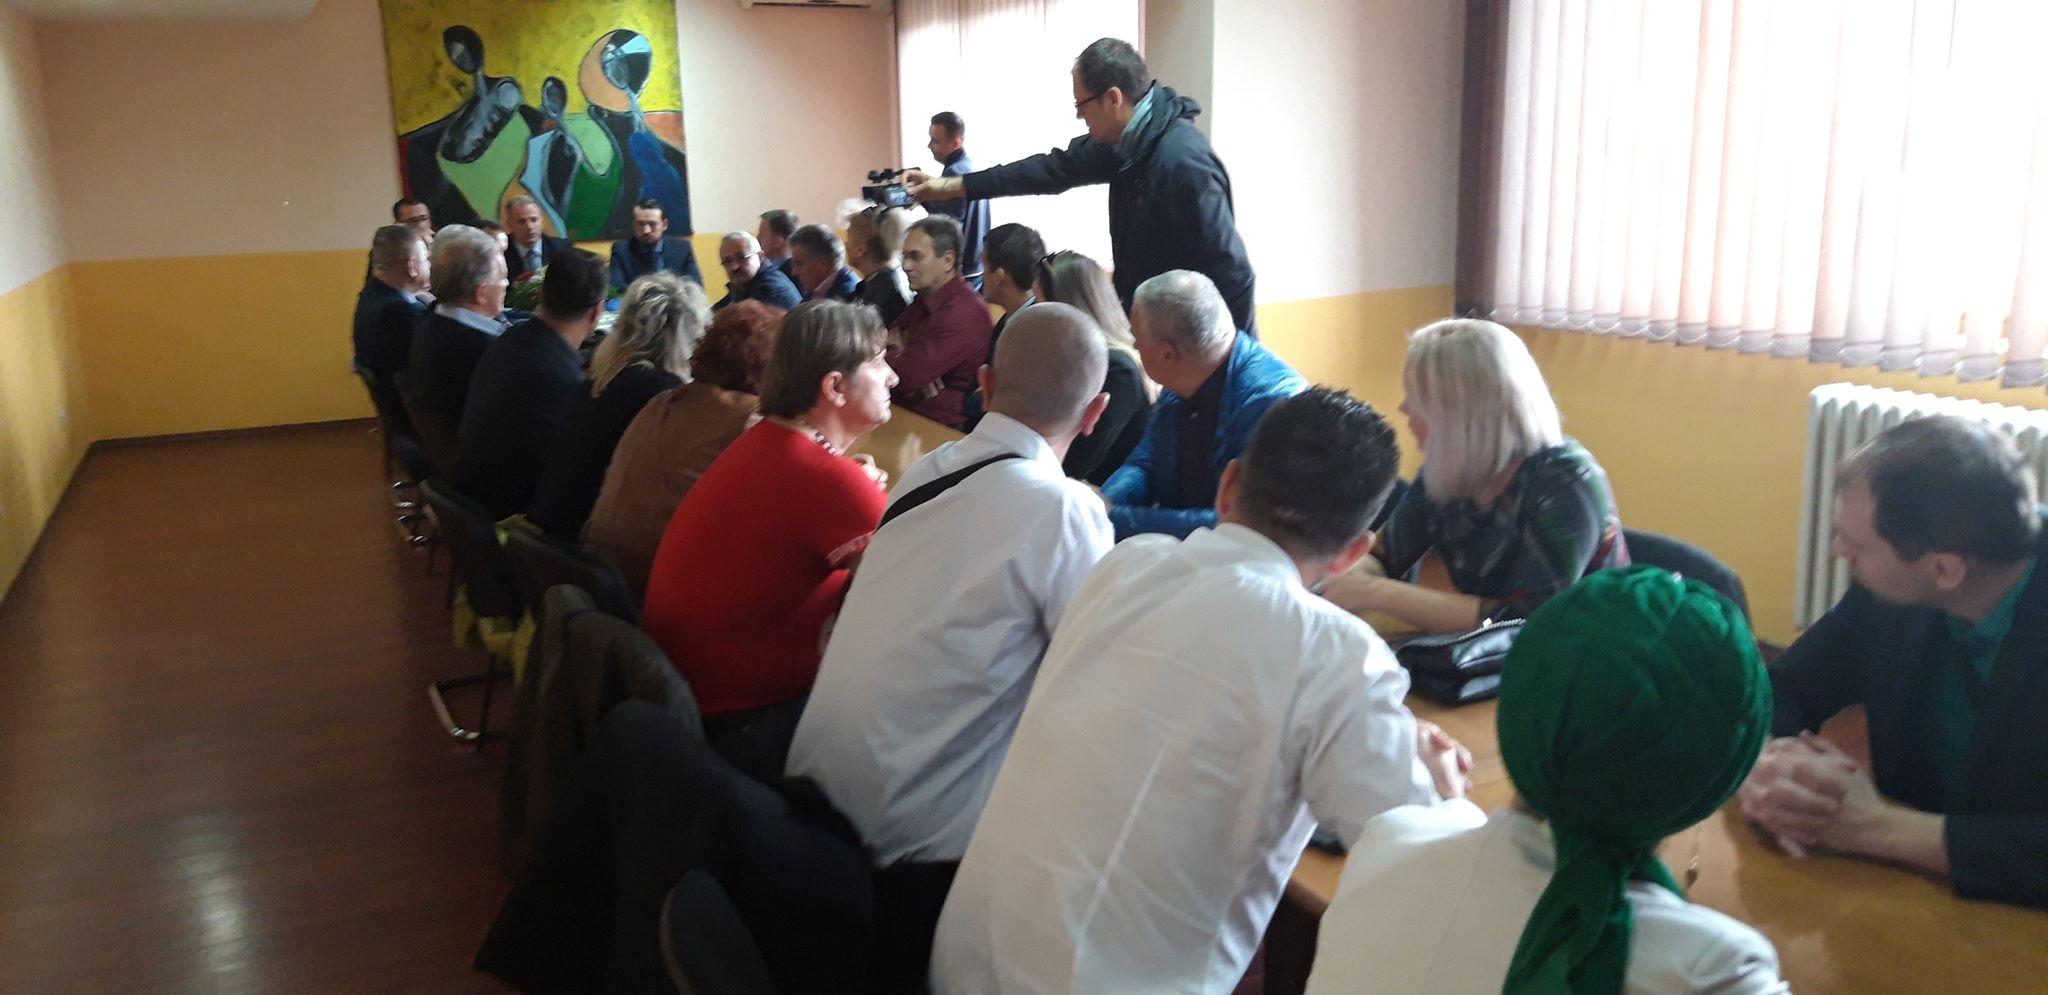 Veliki broj članova Nezavisnog bloka prešao u Stranku za BiH